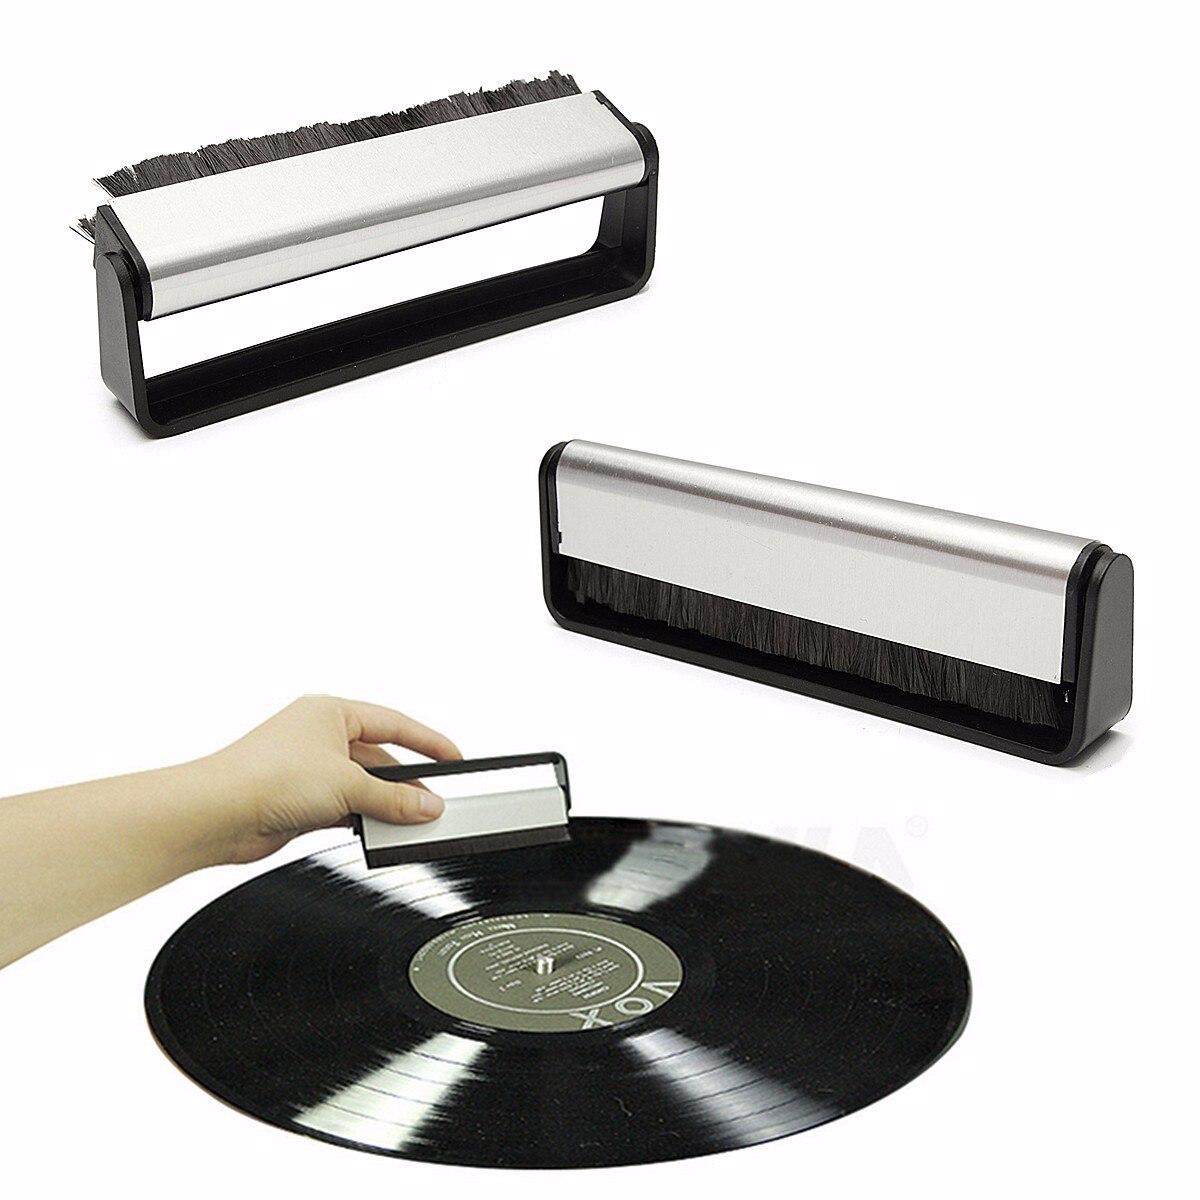 Leory Kcl-1907 Kombination Plattenspieler Lp Vinyl Reinigung Kit Dupont Pinsel Mit Zotten Stiff Pinsel Für Lp Phonographen Vinyl Aufzeichnungen Unterhaltungselektronik Plattenspieler